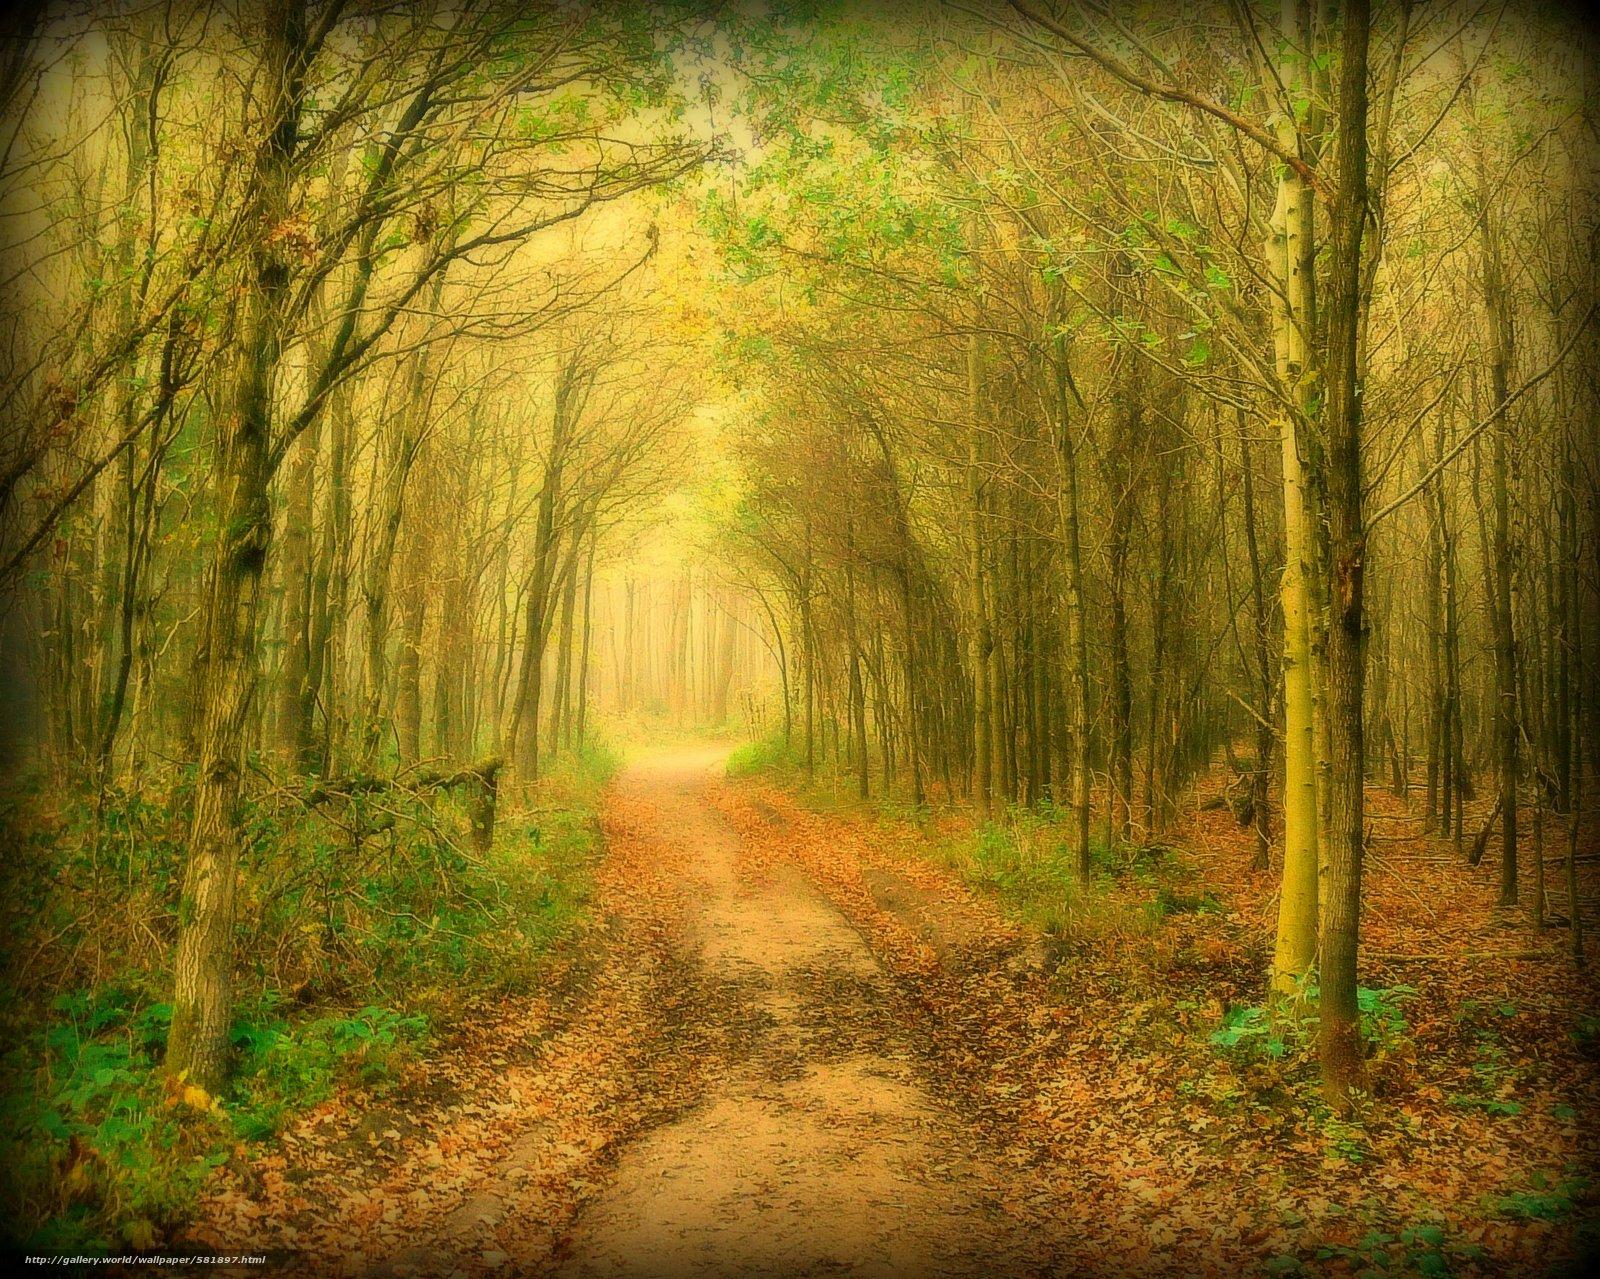 下载壁纸 森林,  树,  道路,  性质 免费为您的桌面分辨率的壁纸 2221x1775 — 图片 №581897